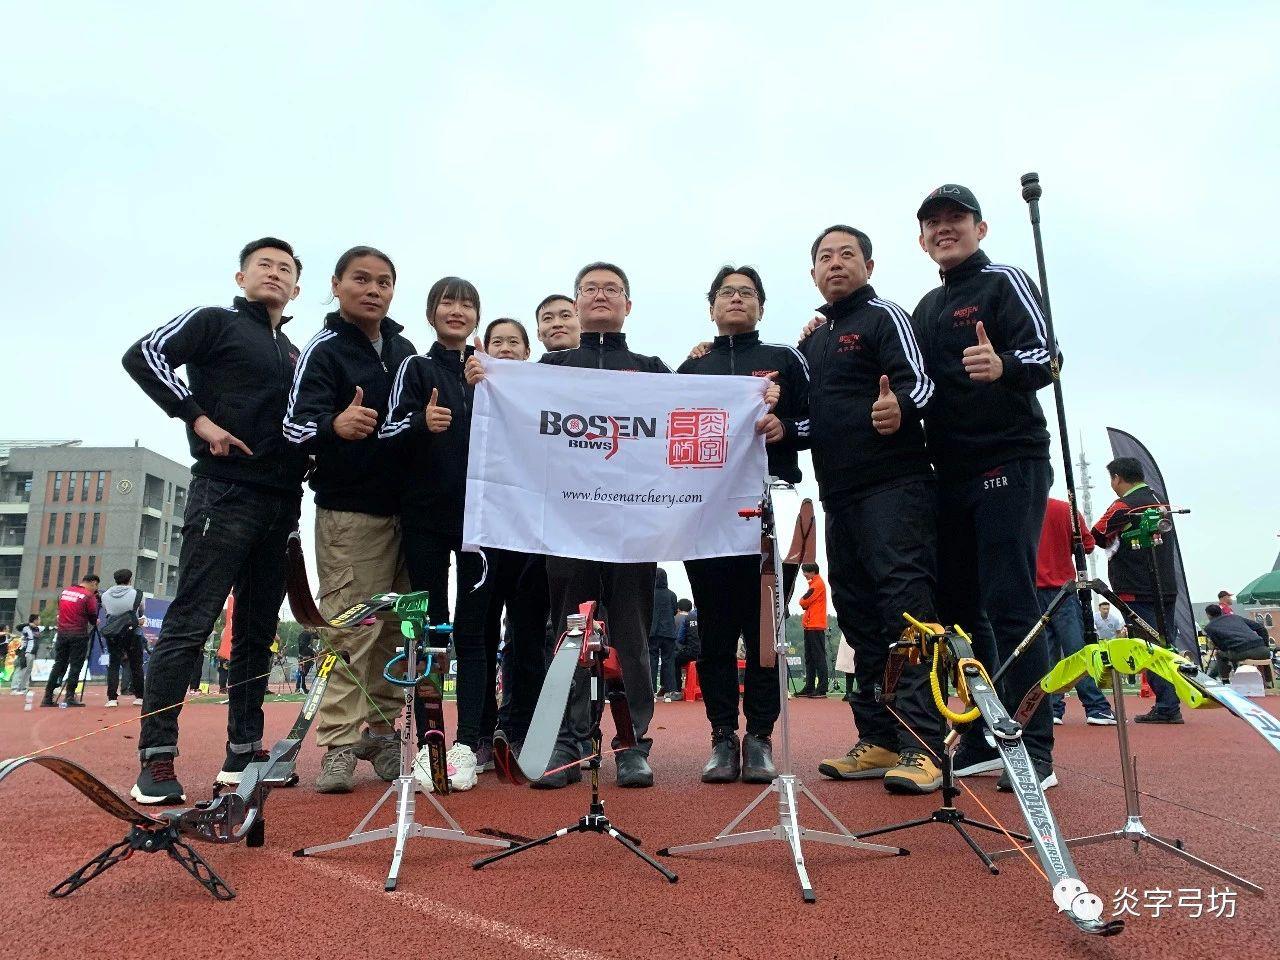 炎字弓坊 | 2019.APCC室外射箭冠军联赛上海站总决赛